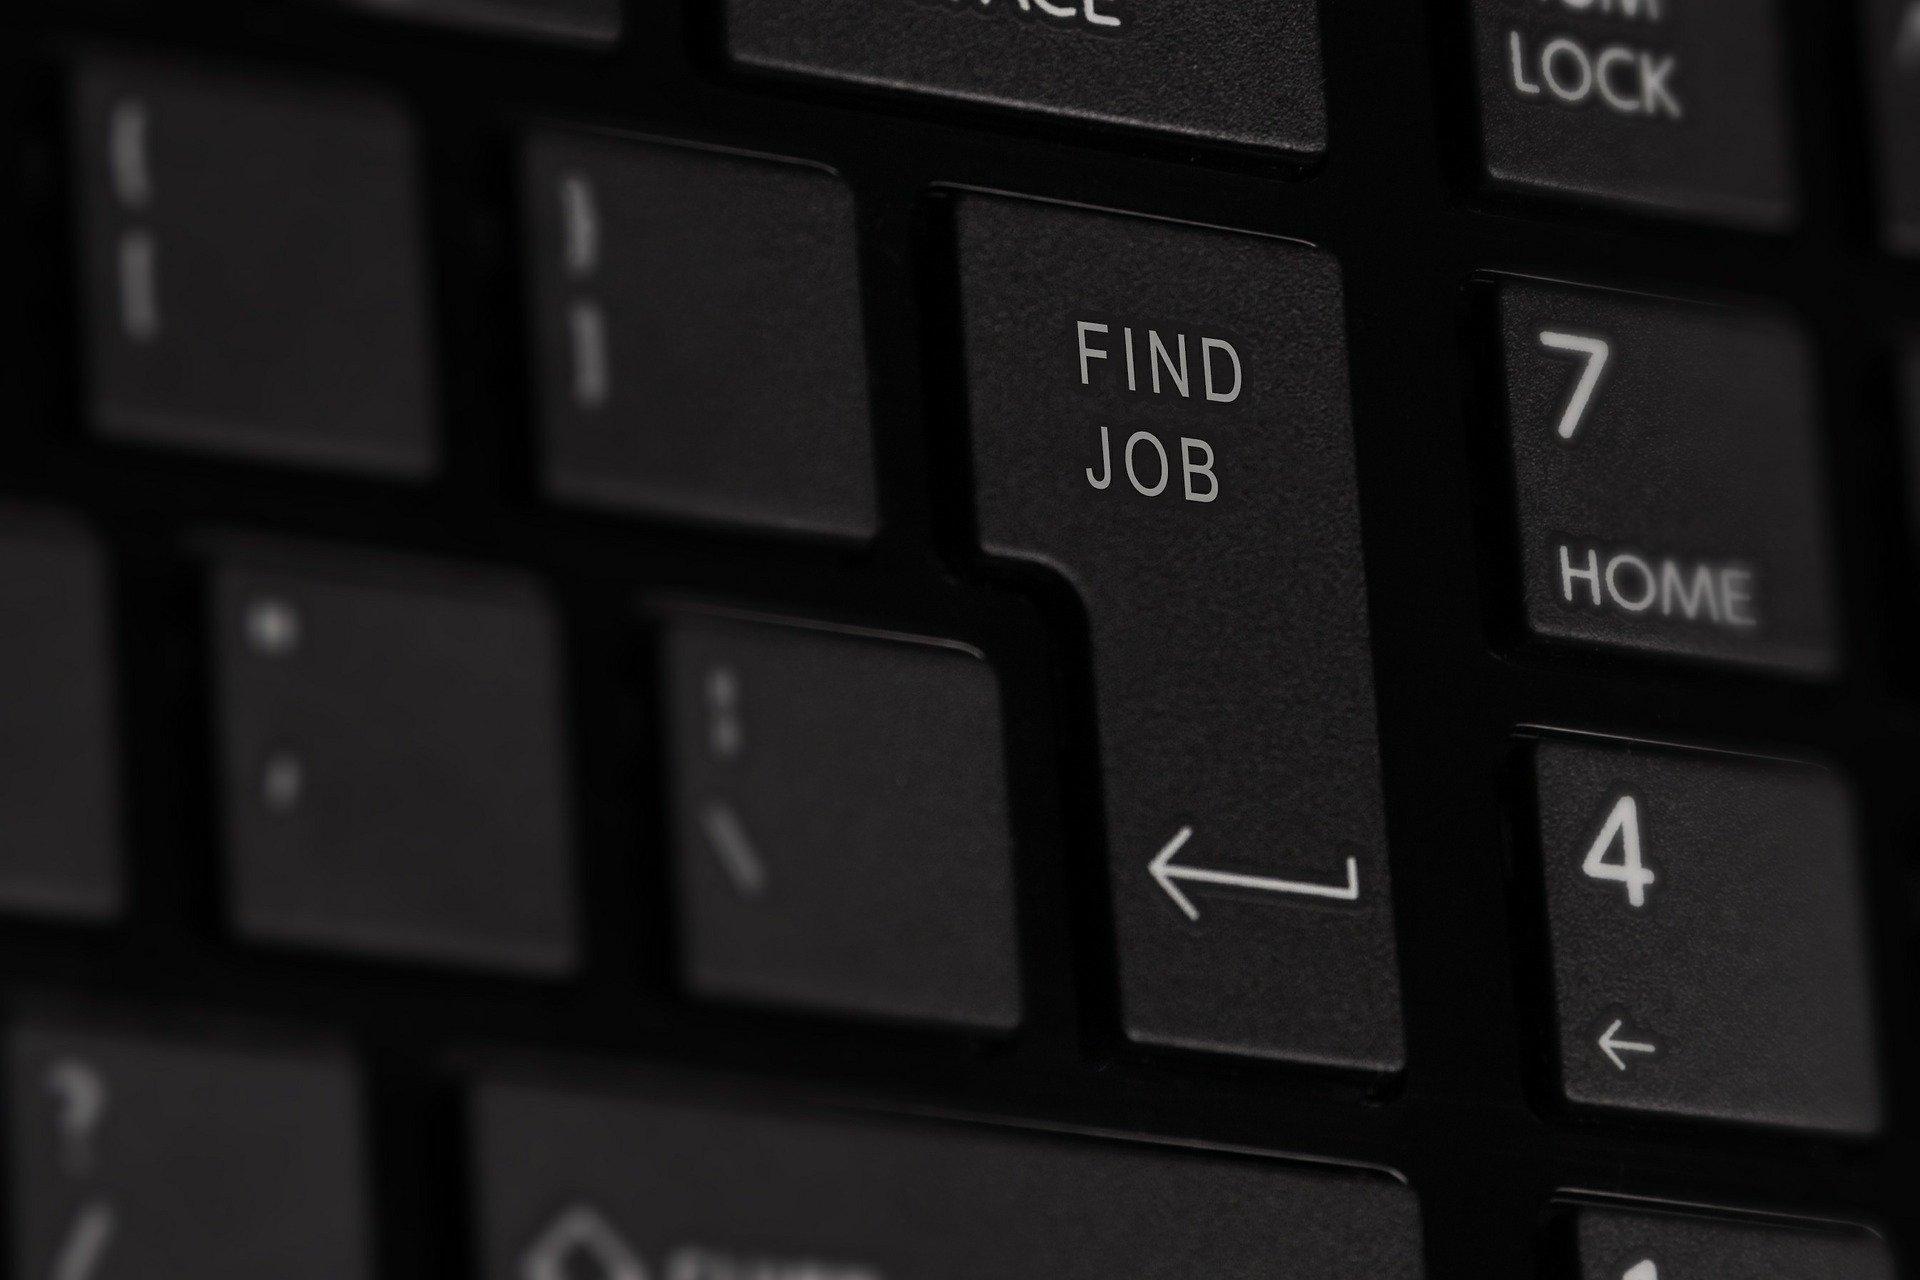 Краснодарский край занял 34 место в рейтинге регионов по уровню безработицы